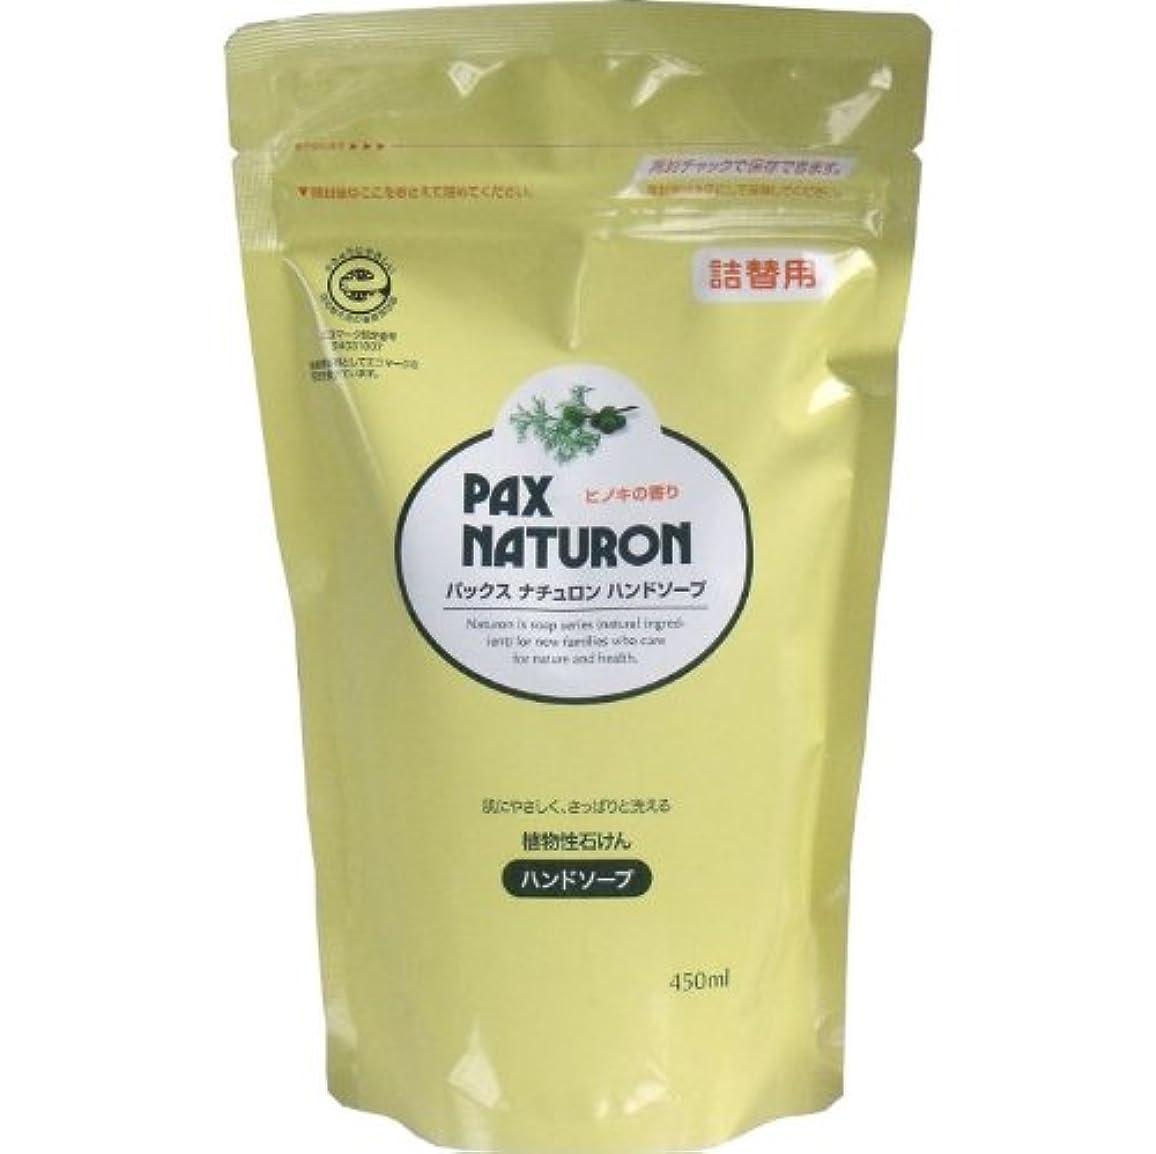 論争的ロール批判的肌にやさしく、さっぱりと洗える植物性石けん!植物性ハンドソープ 詰替用 450mL